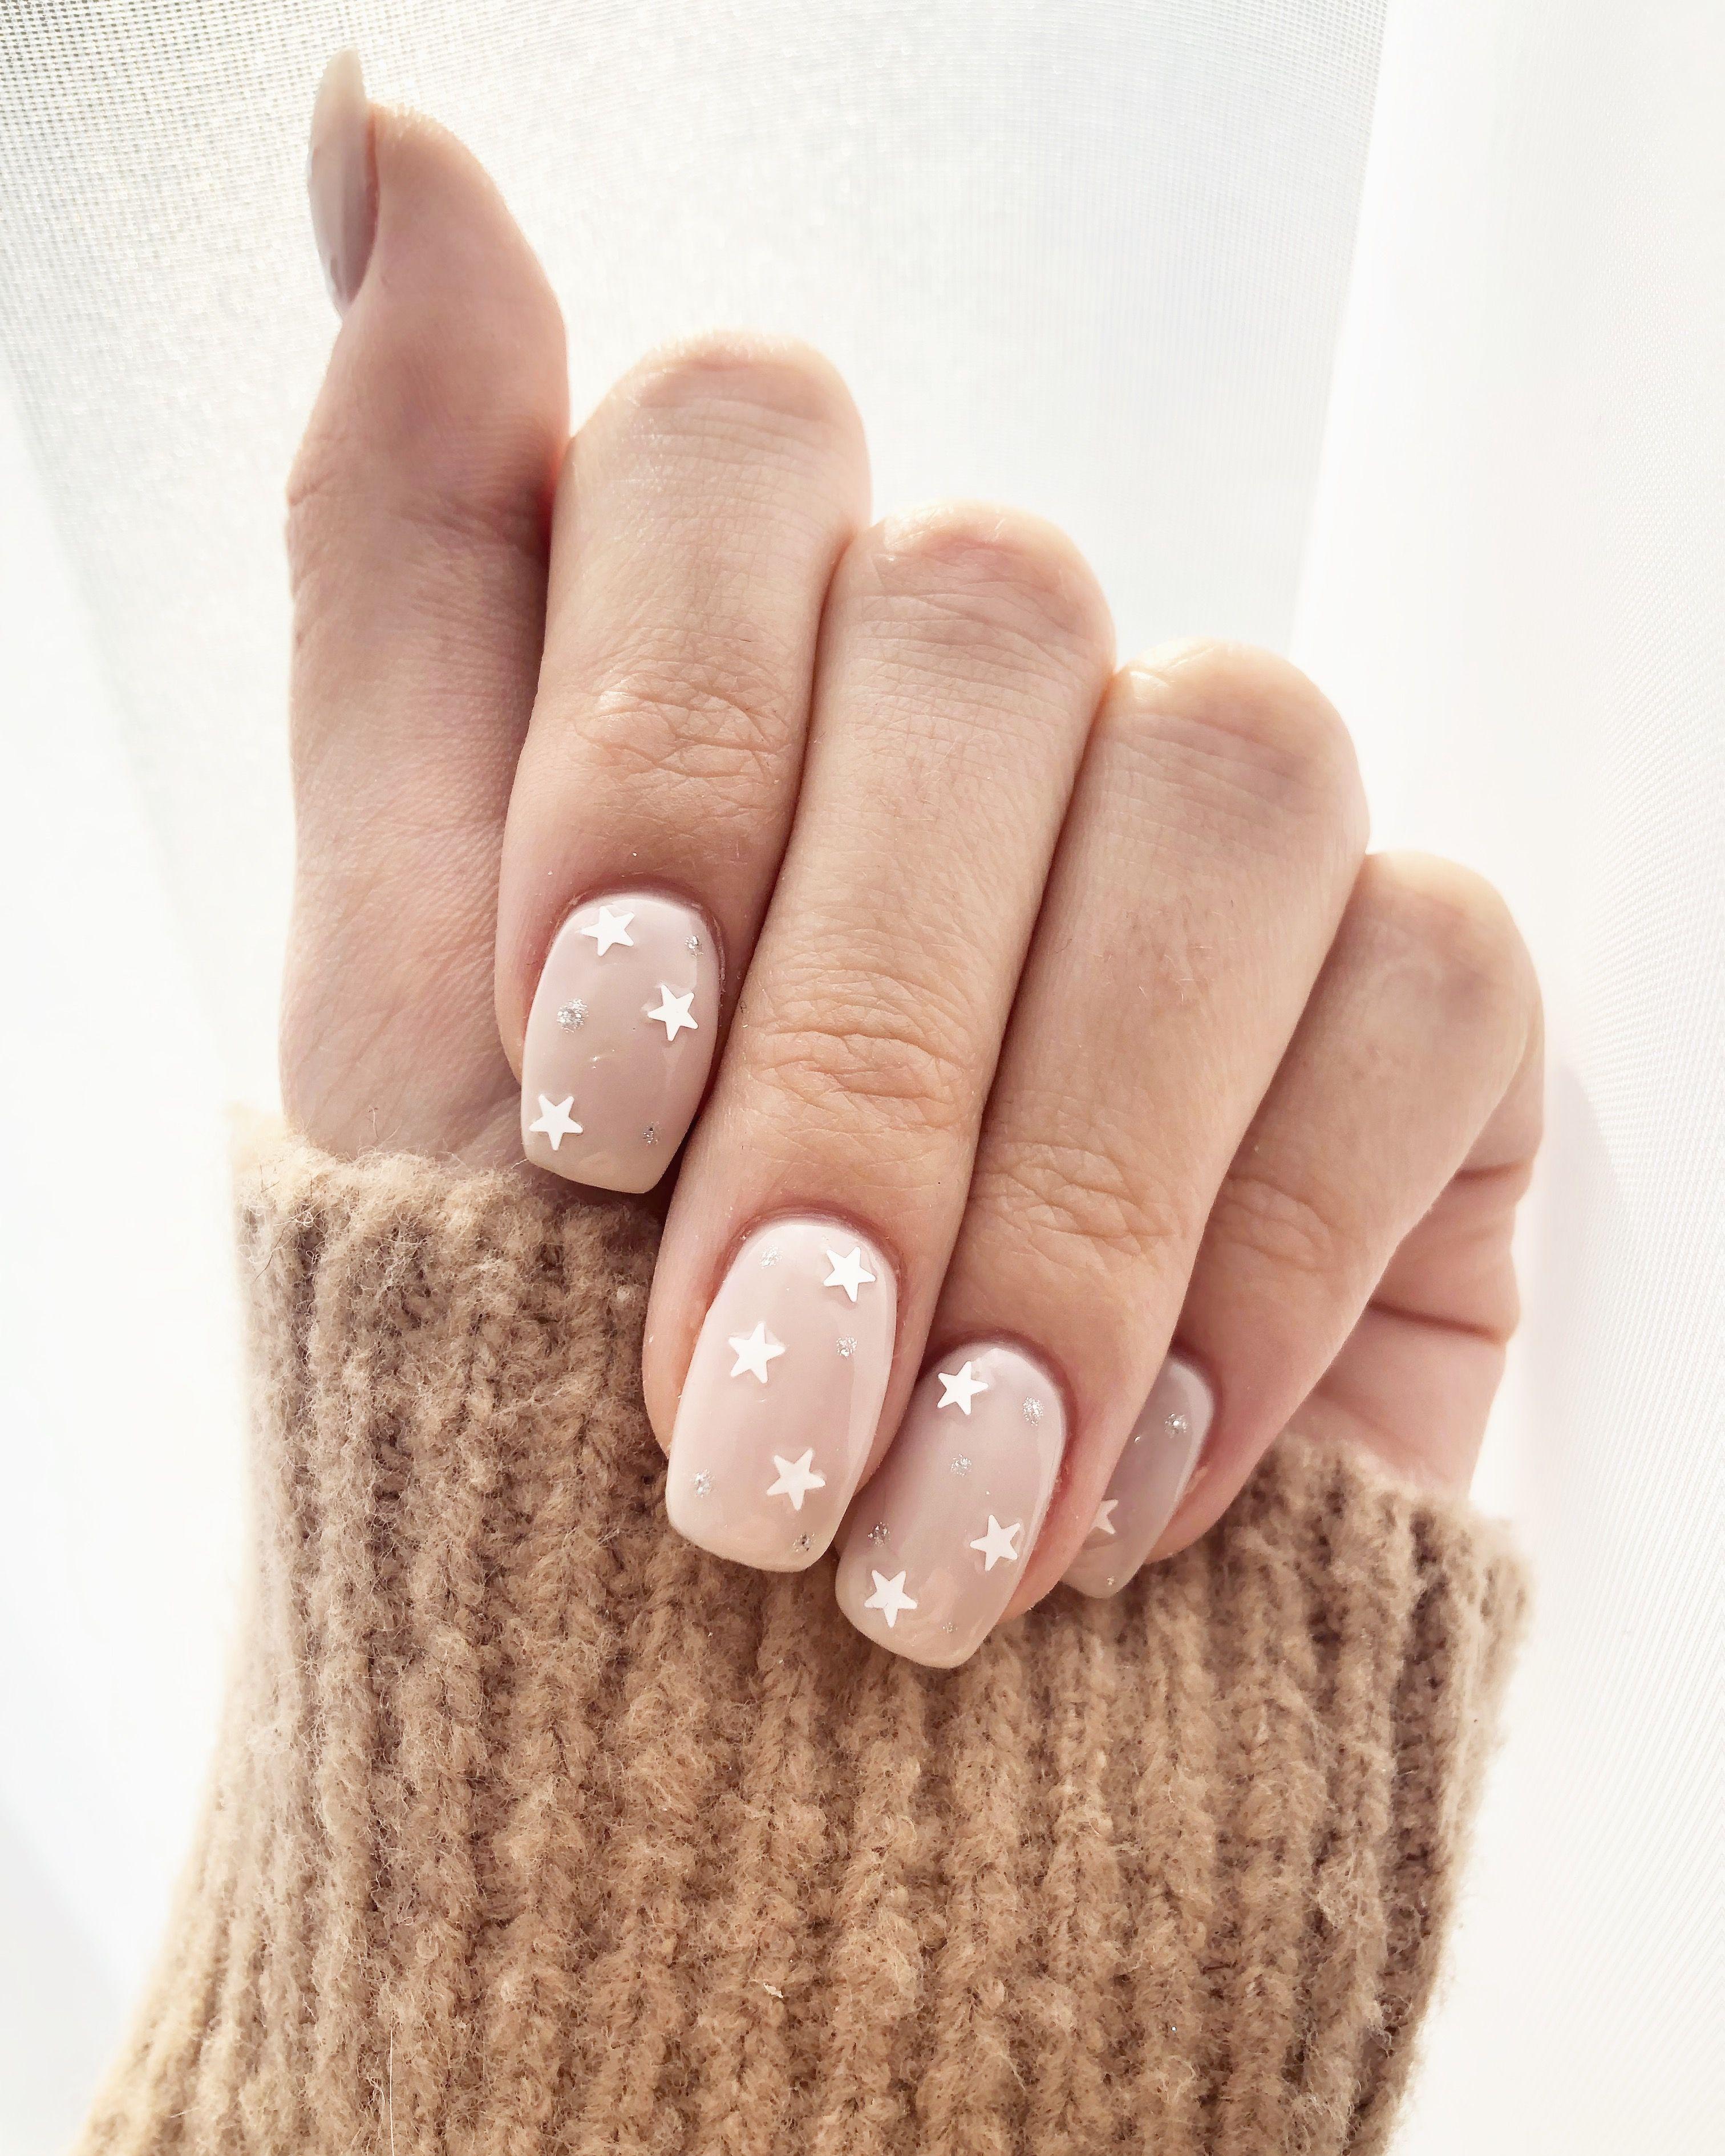 Nails Stars Milchnails Naturalnails Nail Natural Short Acrylic Nails Cute Acrylic Nails Pretty Acrylic Nails